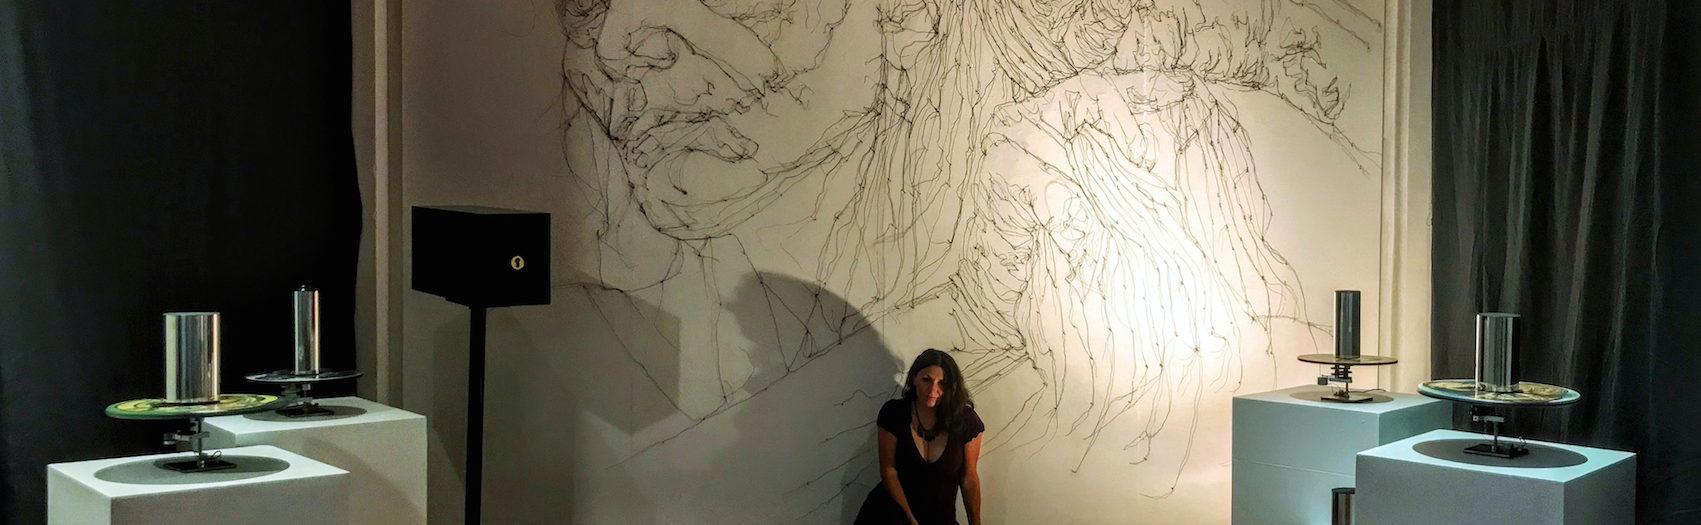 Quattro anni di Arte Urbana a Brescia. Sulla mostra a CARME